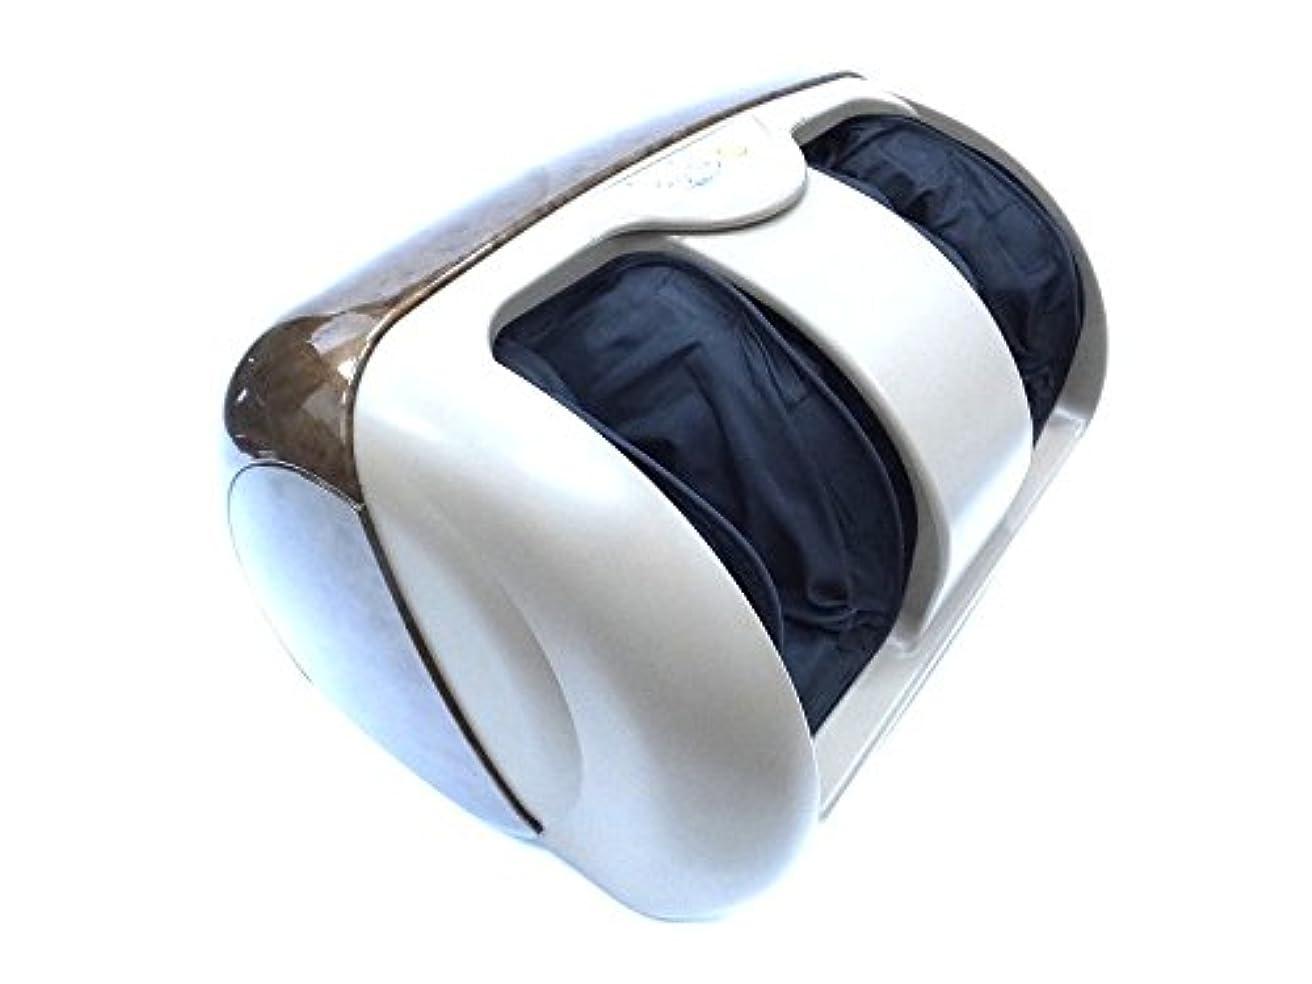 一族流星ぬれたフランス総合医療 マルタカテクノ RF01 リフレフット フットマッサージャー (家庭用足マッサージ機)